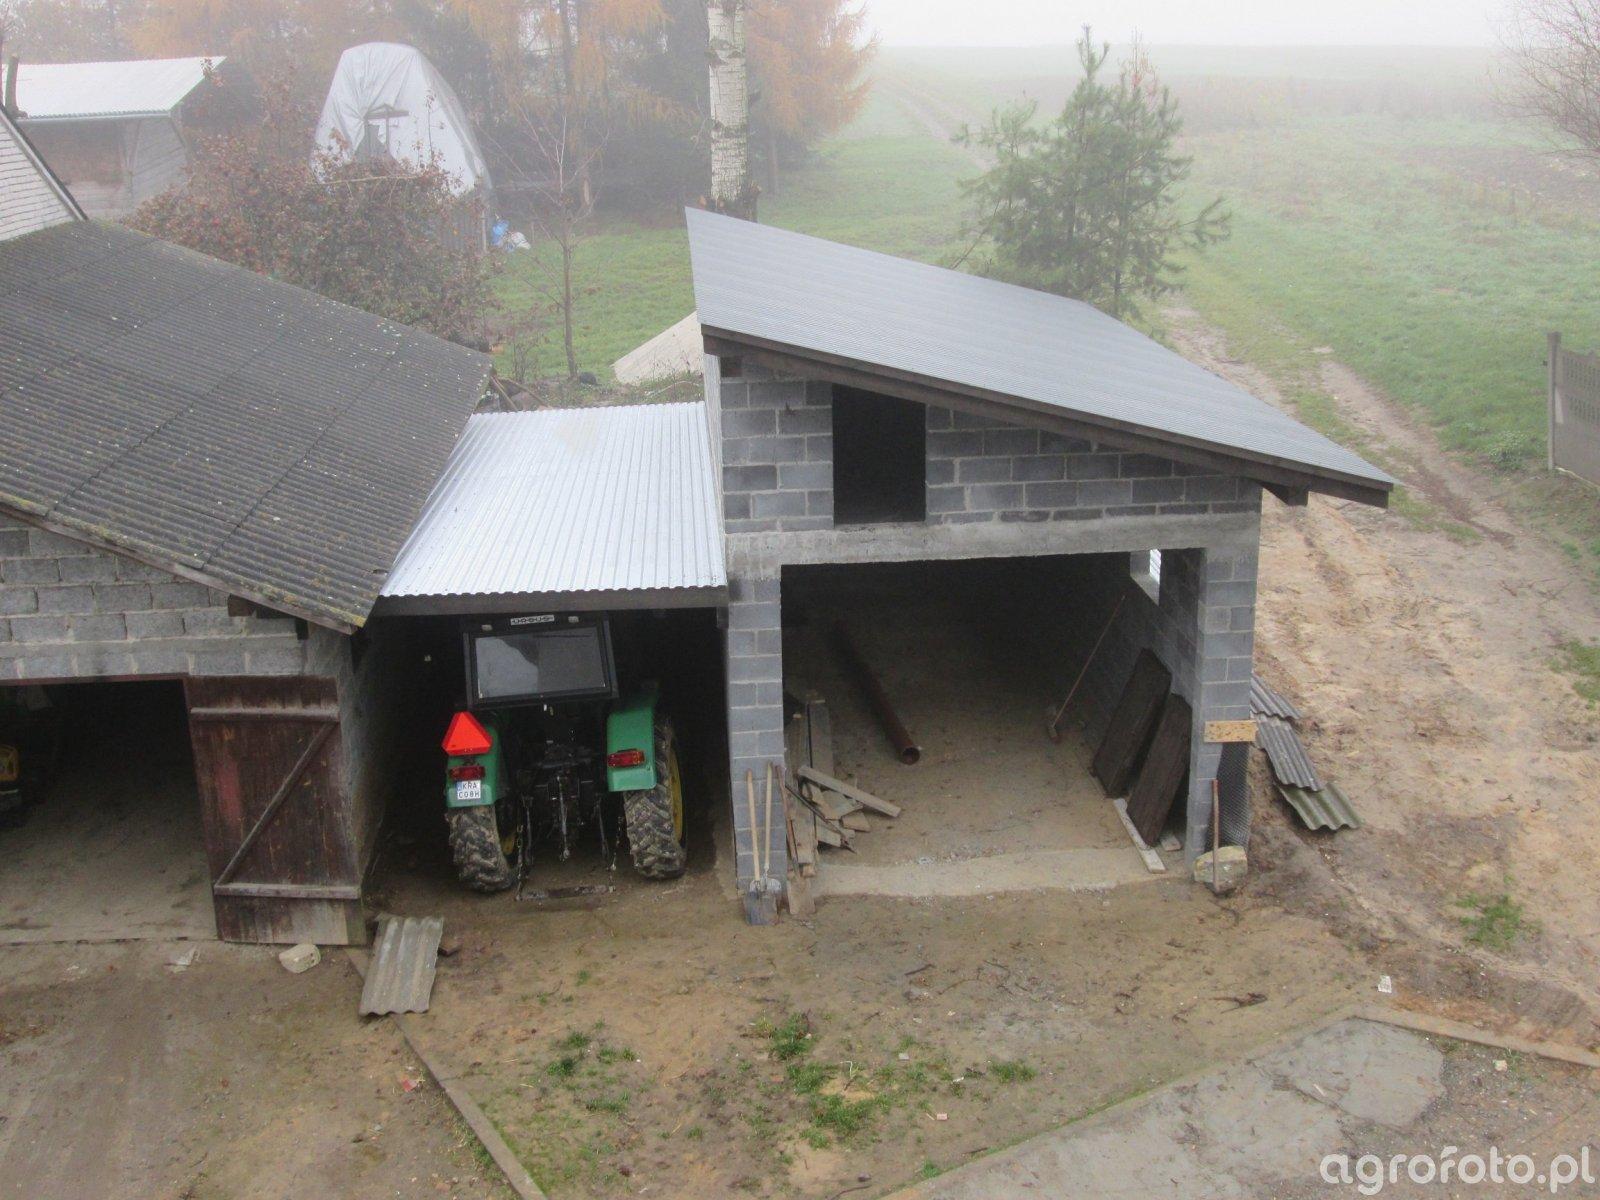 Garaż i przybudówka